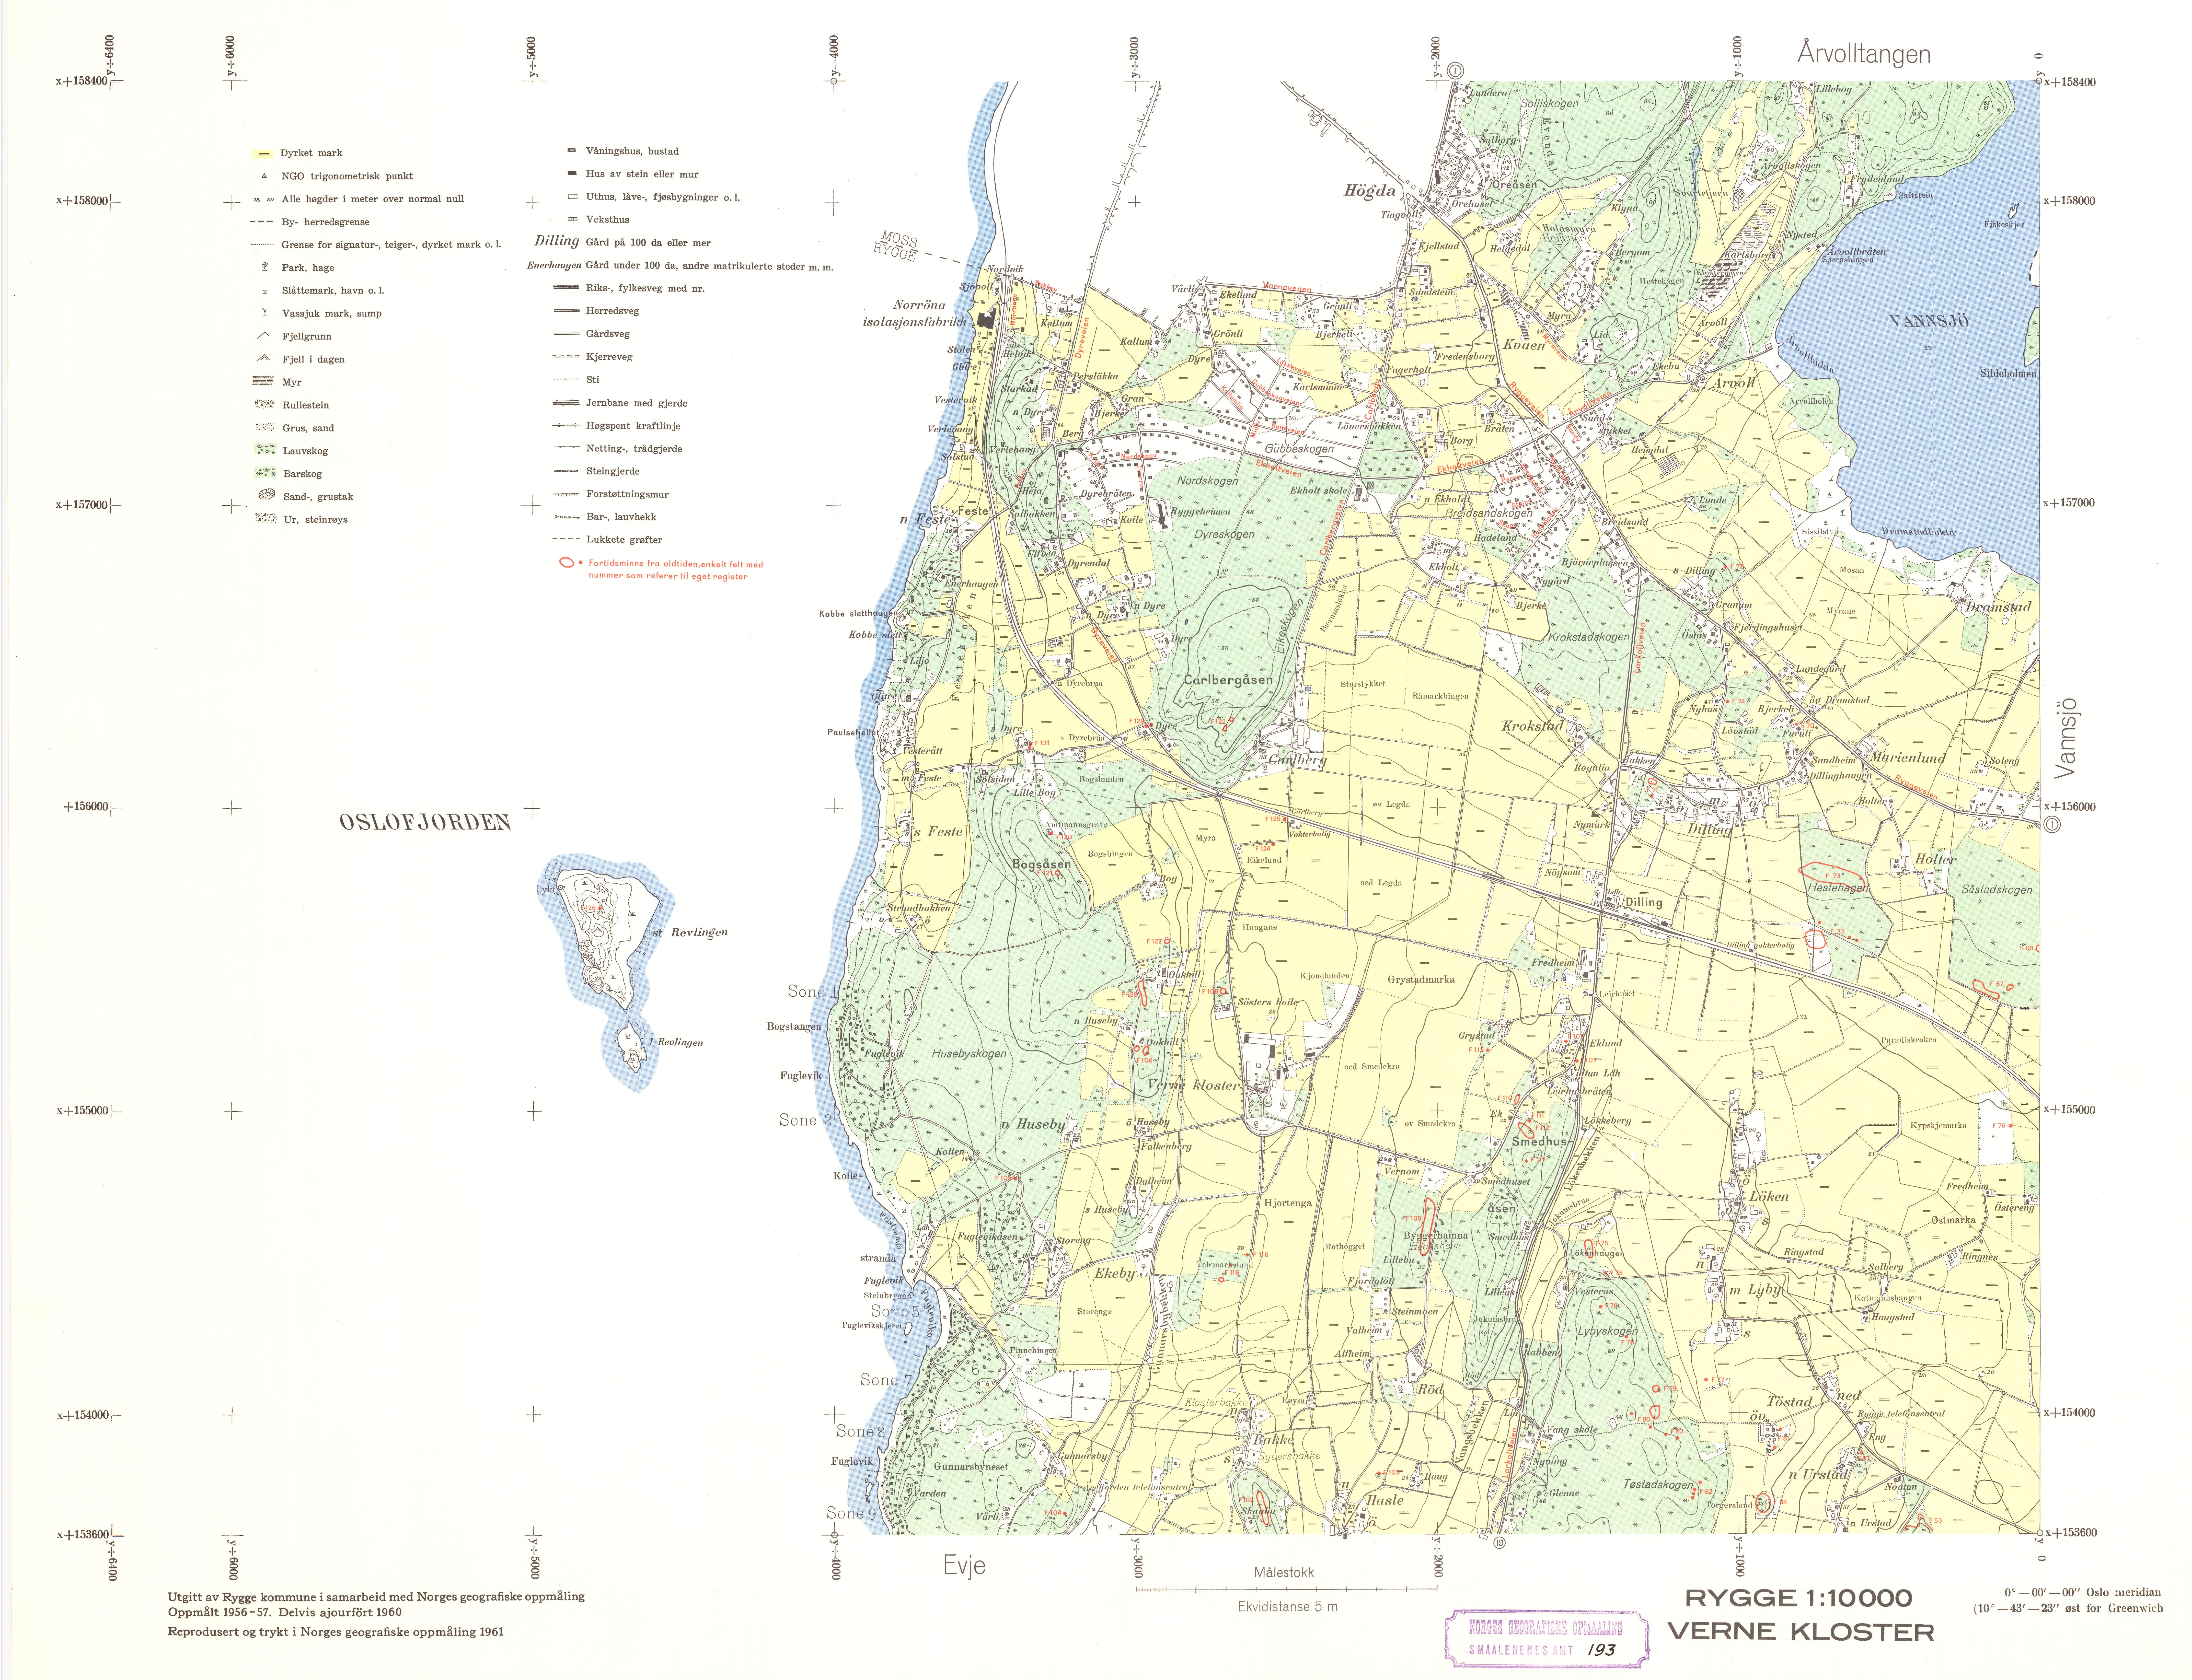 kart over rygge File:Smålenenes amt nr 193 2  Kart over Rygge; Verne kloster, 1961  kart over rygge